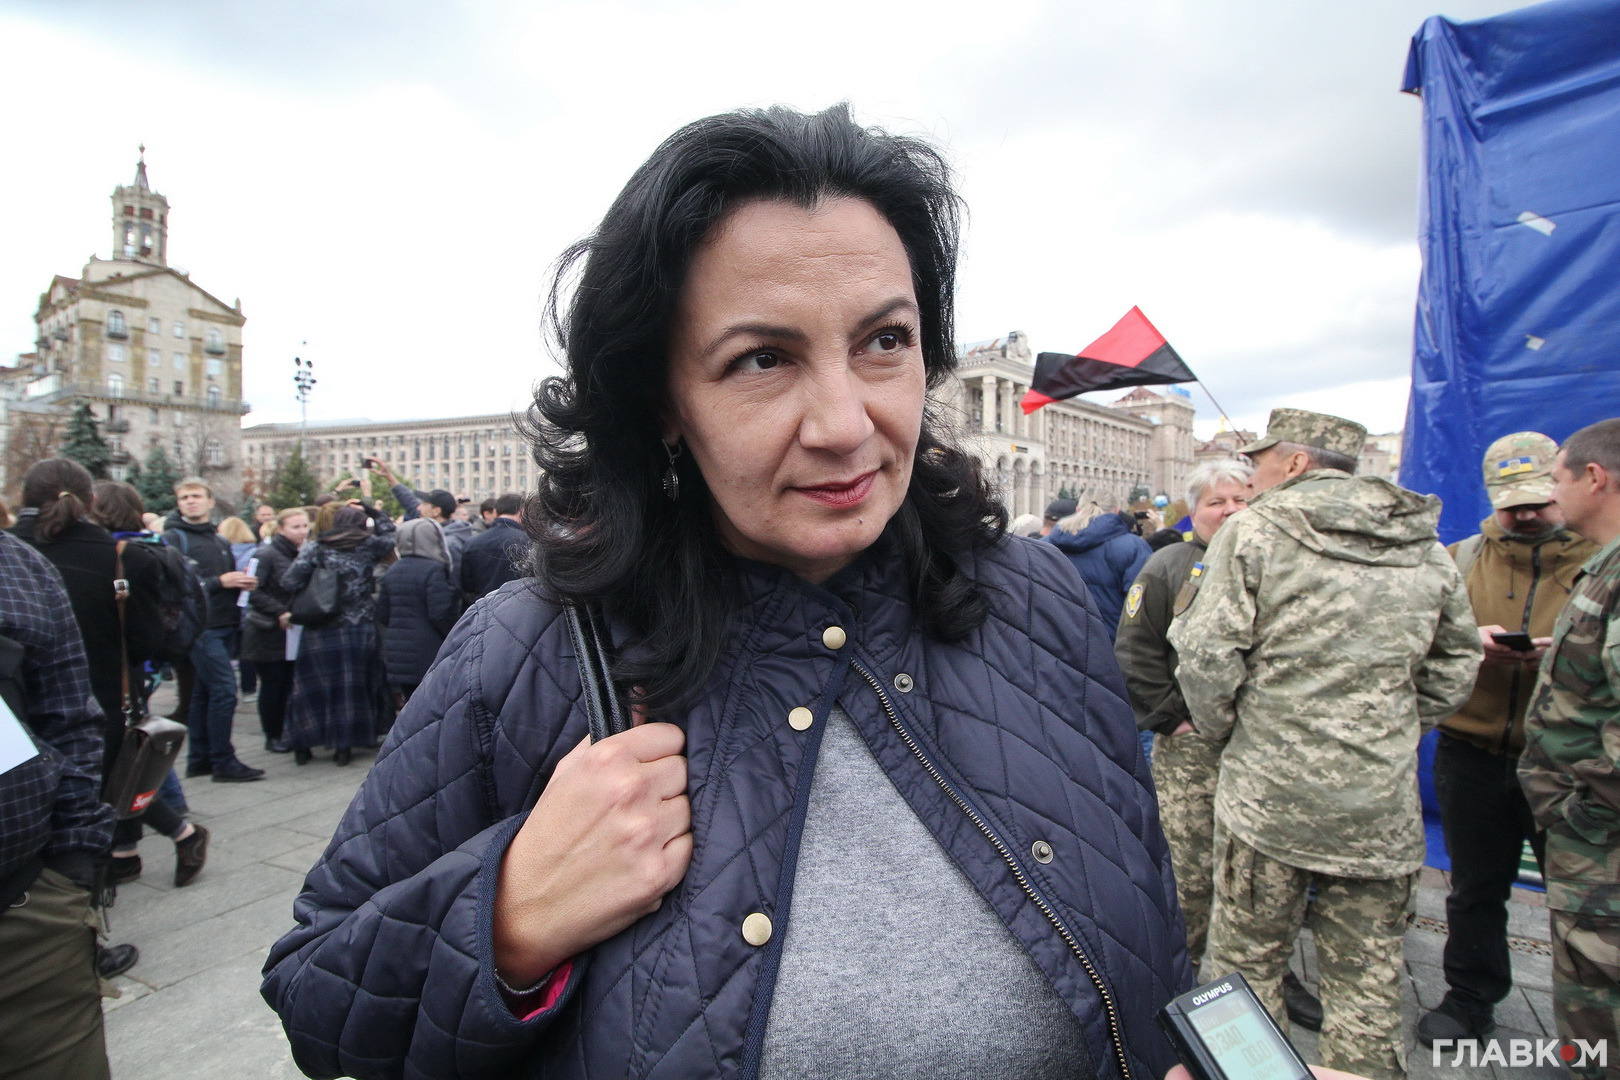 Іванна Клімпуш-Цинцадзе колишній віце-прем'єр з європейської інтеграції, голова парламентського комітету з євроінтеграції («Європейська солідарність»)